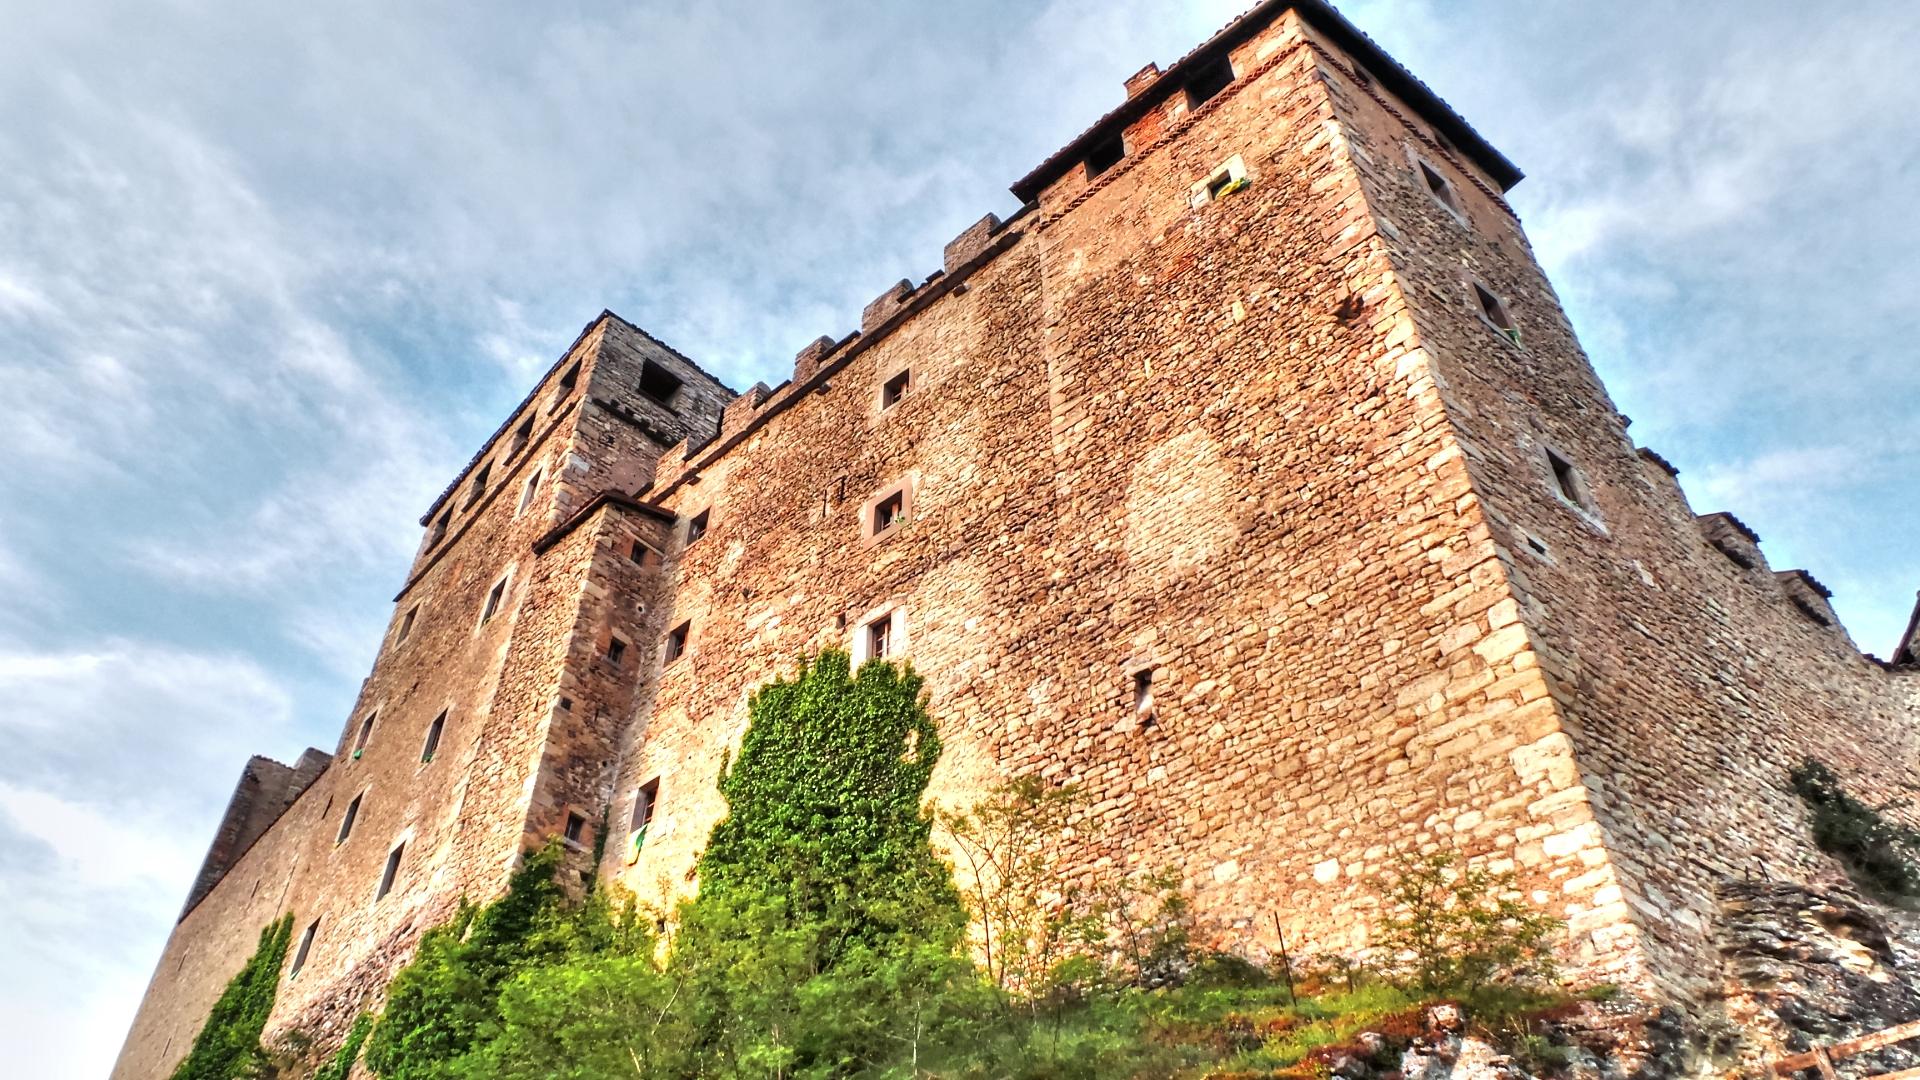 Under the Montecuccolo Castle, Pavullo...